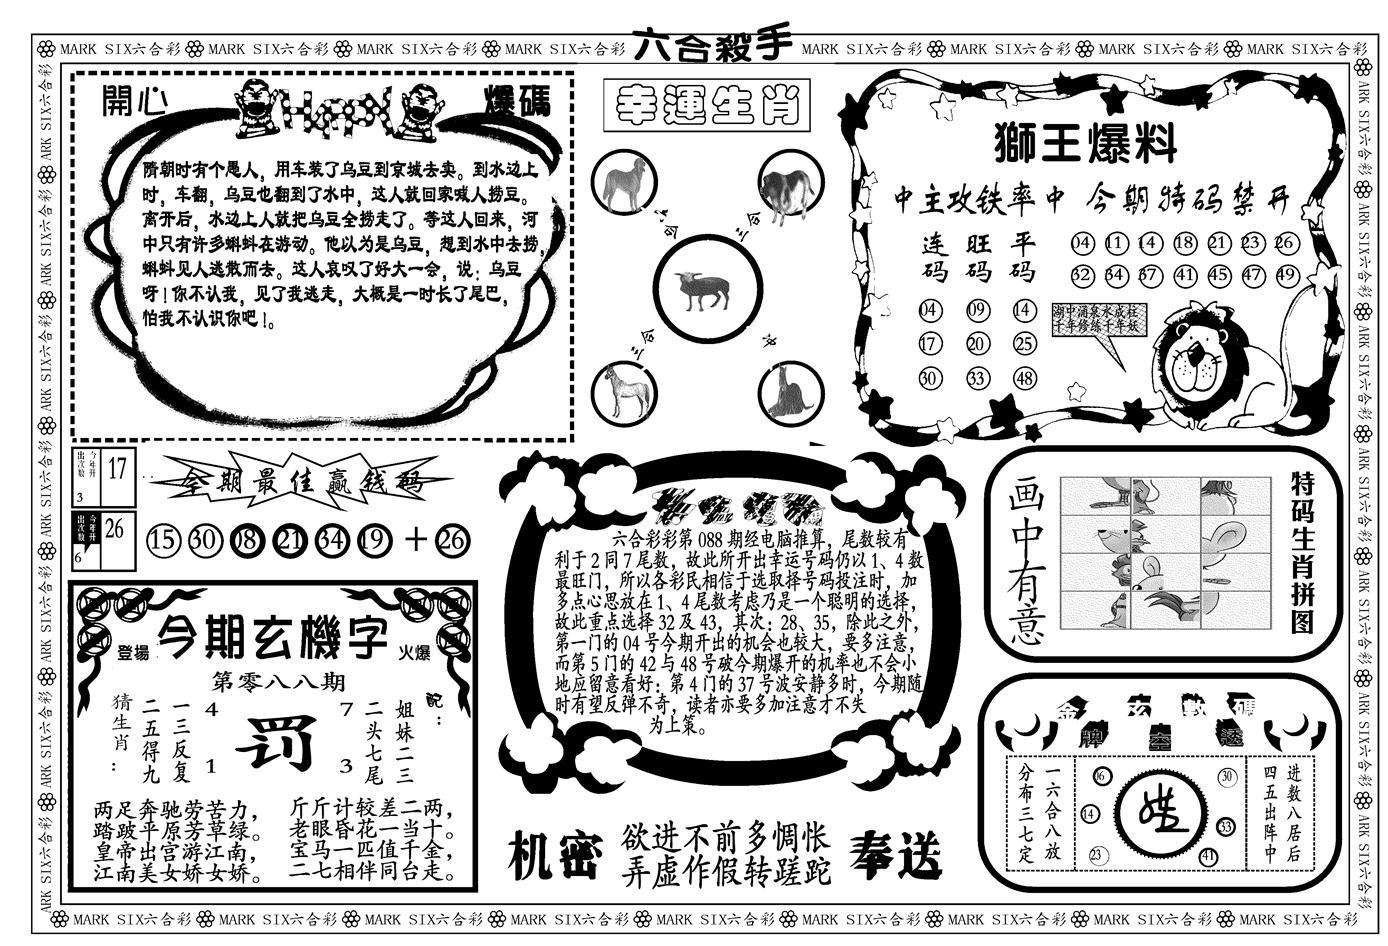 088期新六合杀手B(黑白)